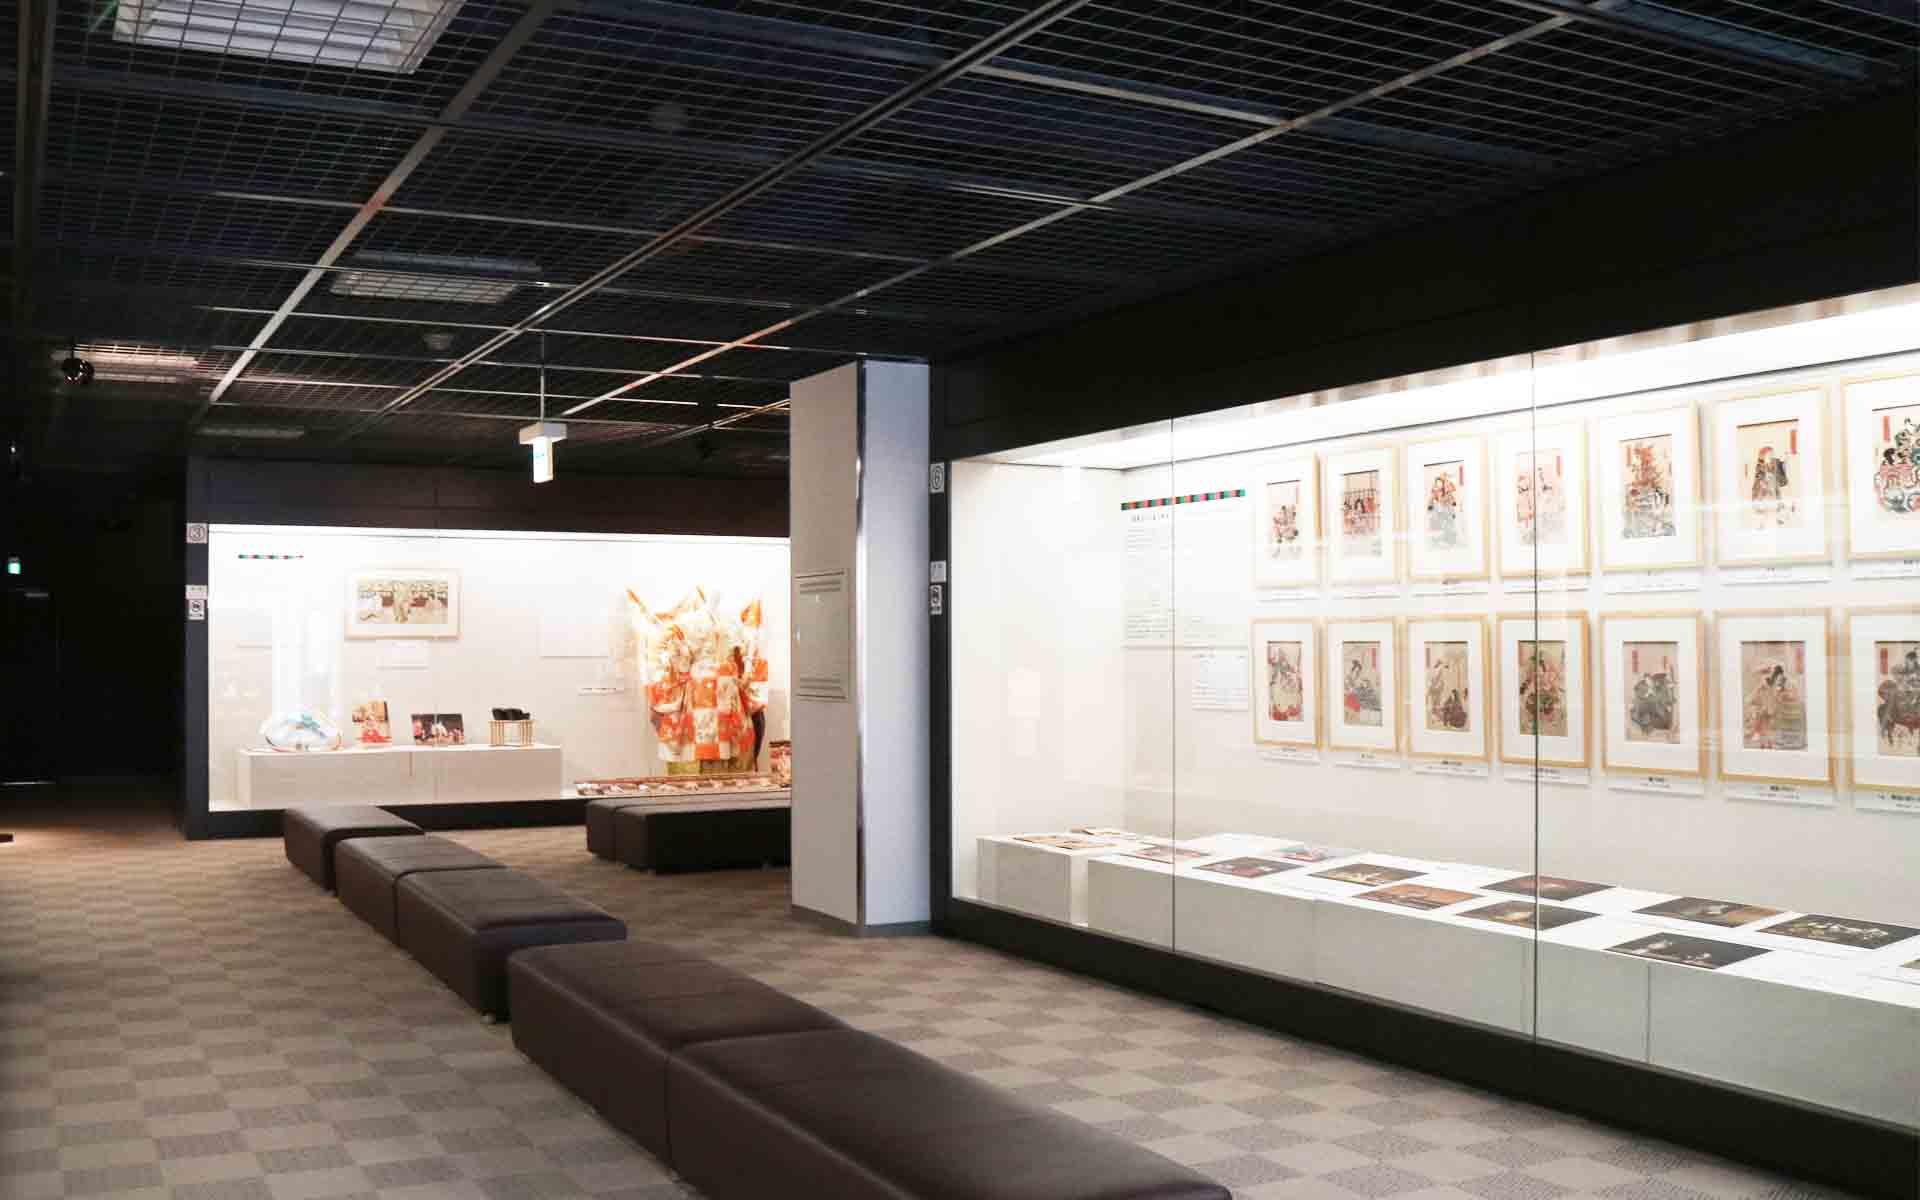 伝統芸能情報館、展示室。